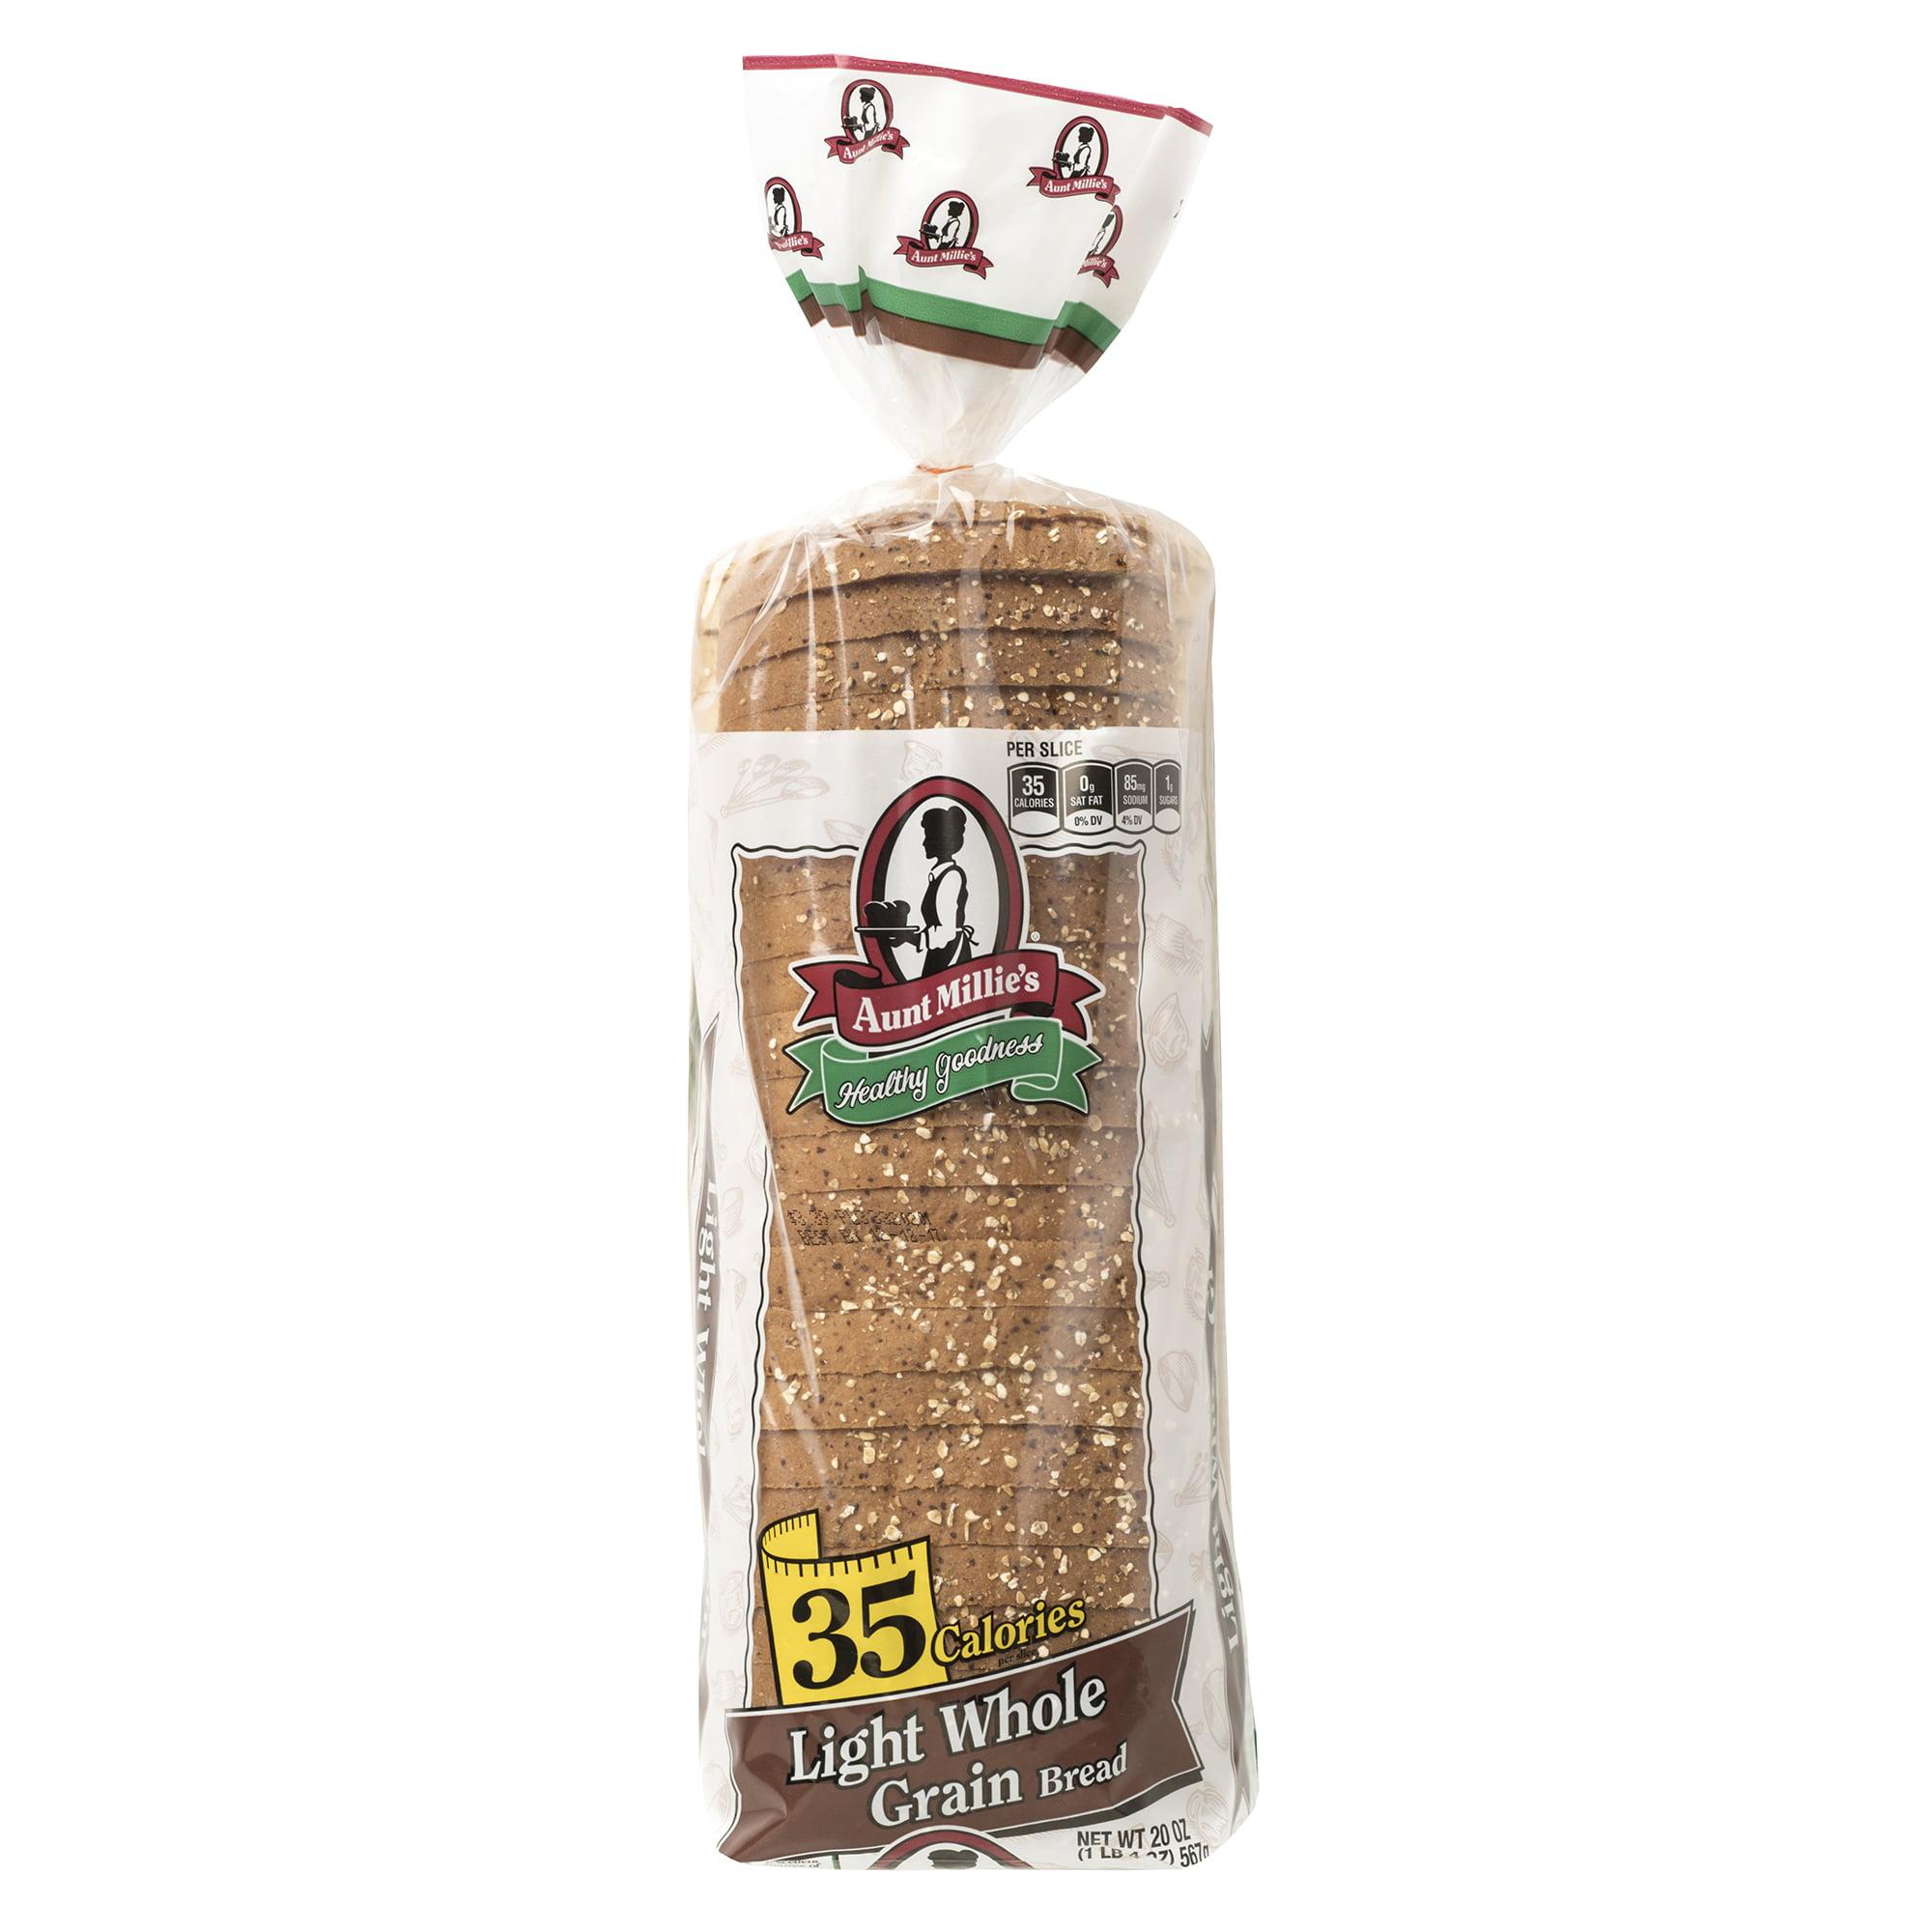 Aunt Millie's 35 Calorie Whole Grain Bread, 20 oz.